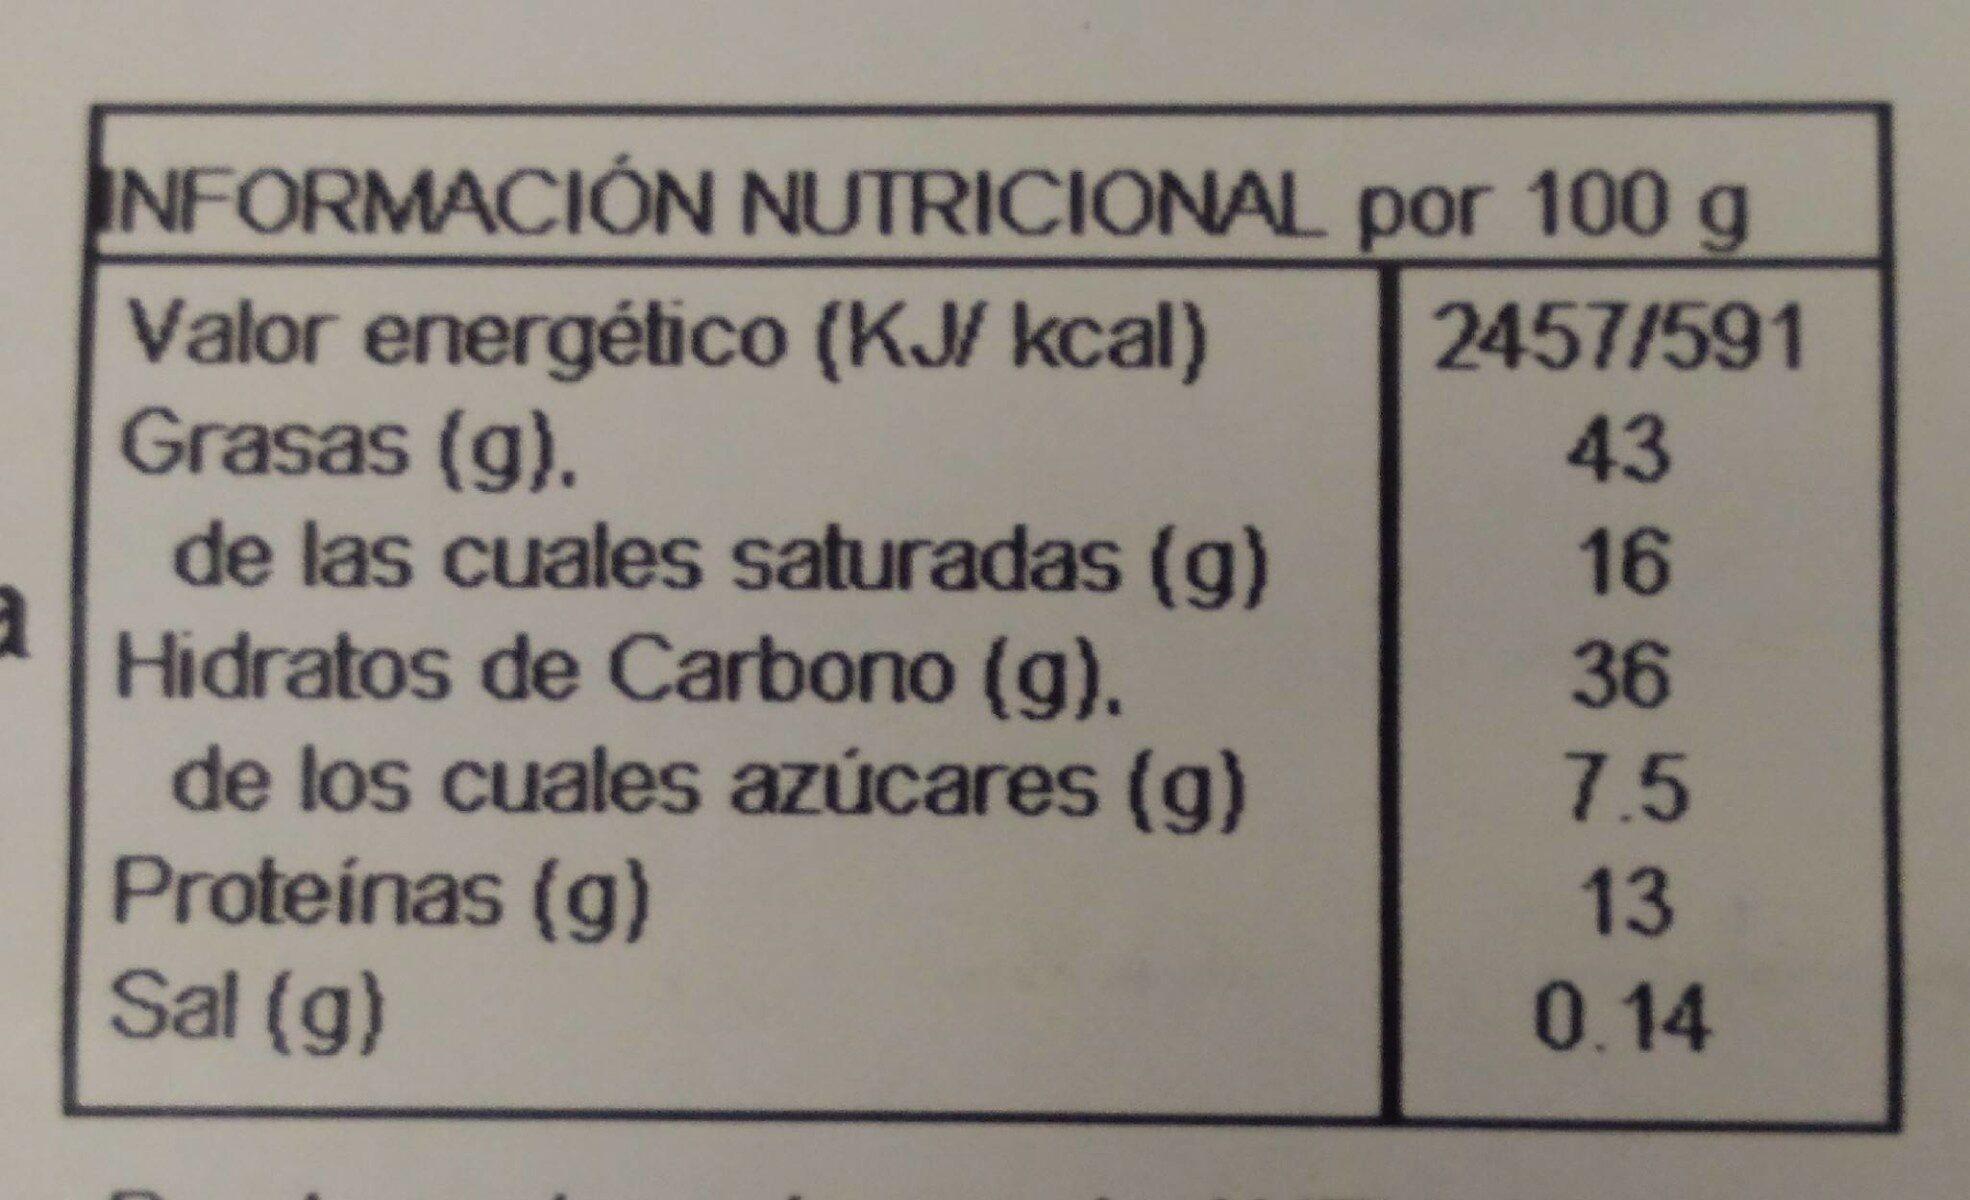 Chocolate Leche Almendra - Nutrition facts - es